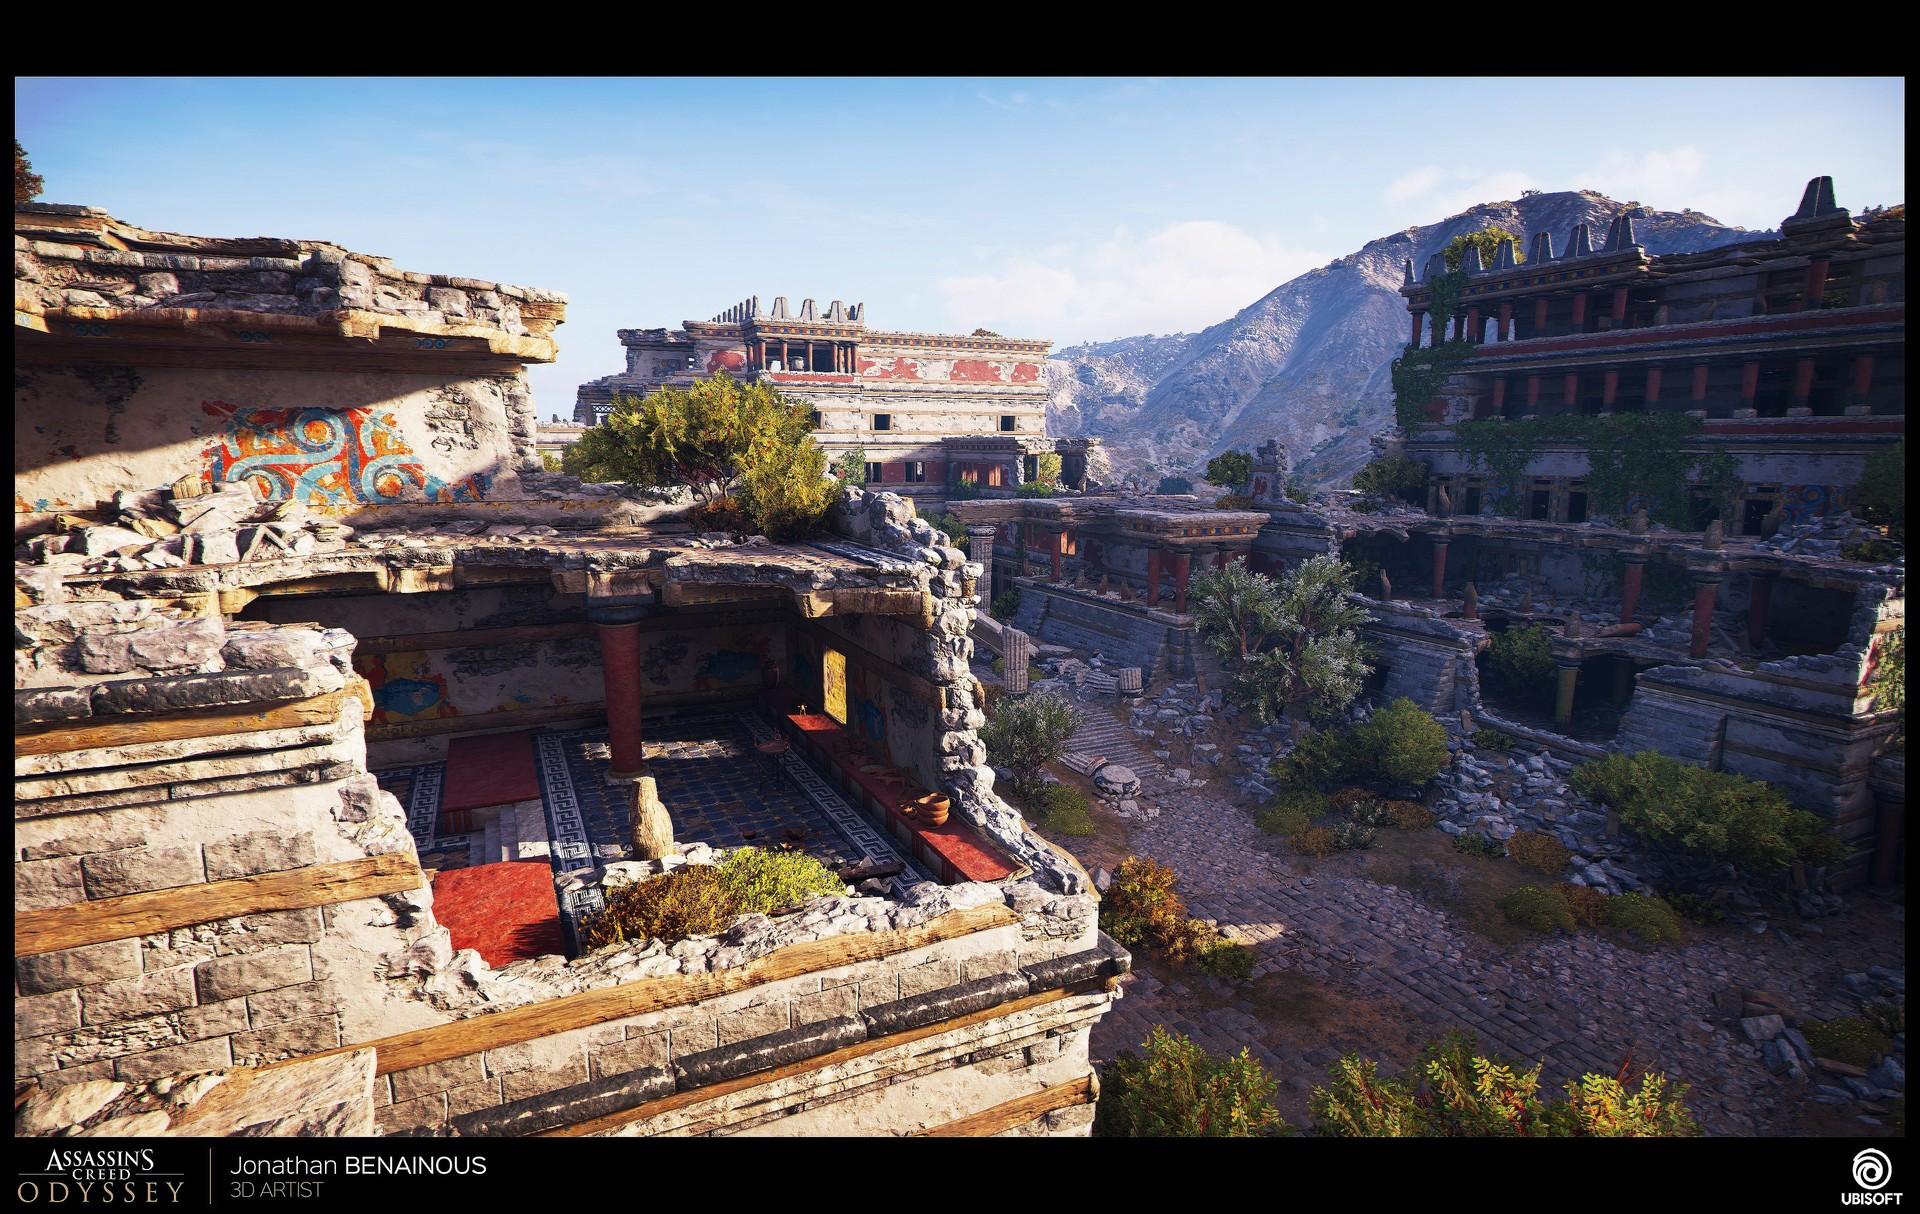 jonathan-benainous-minoan-palace-27.jpg